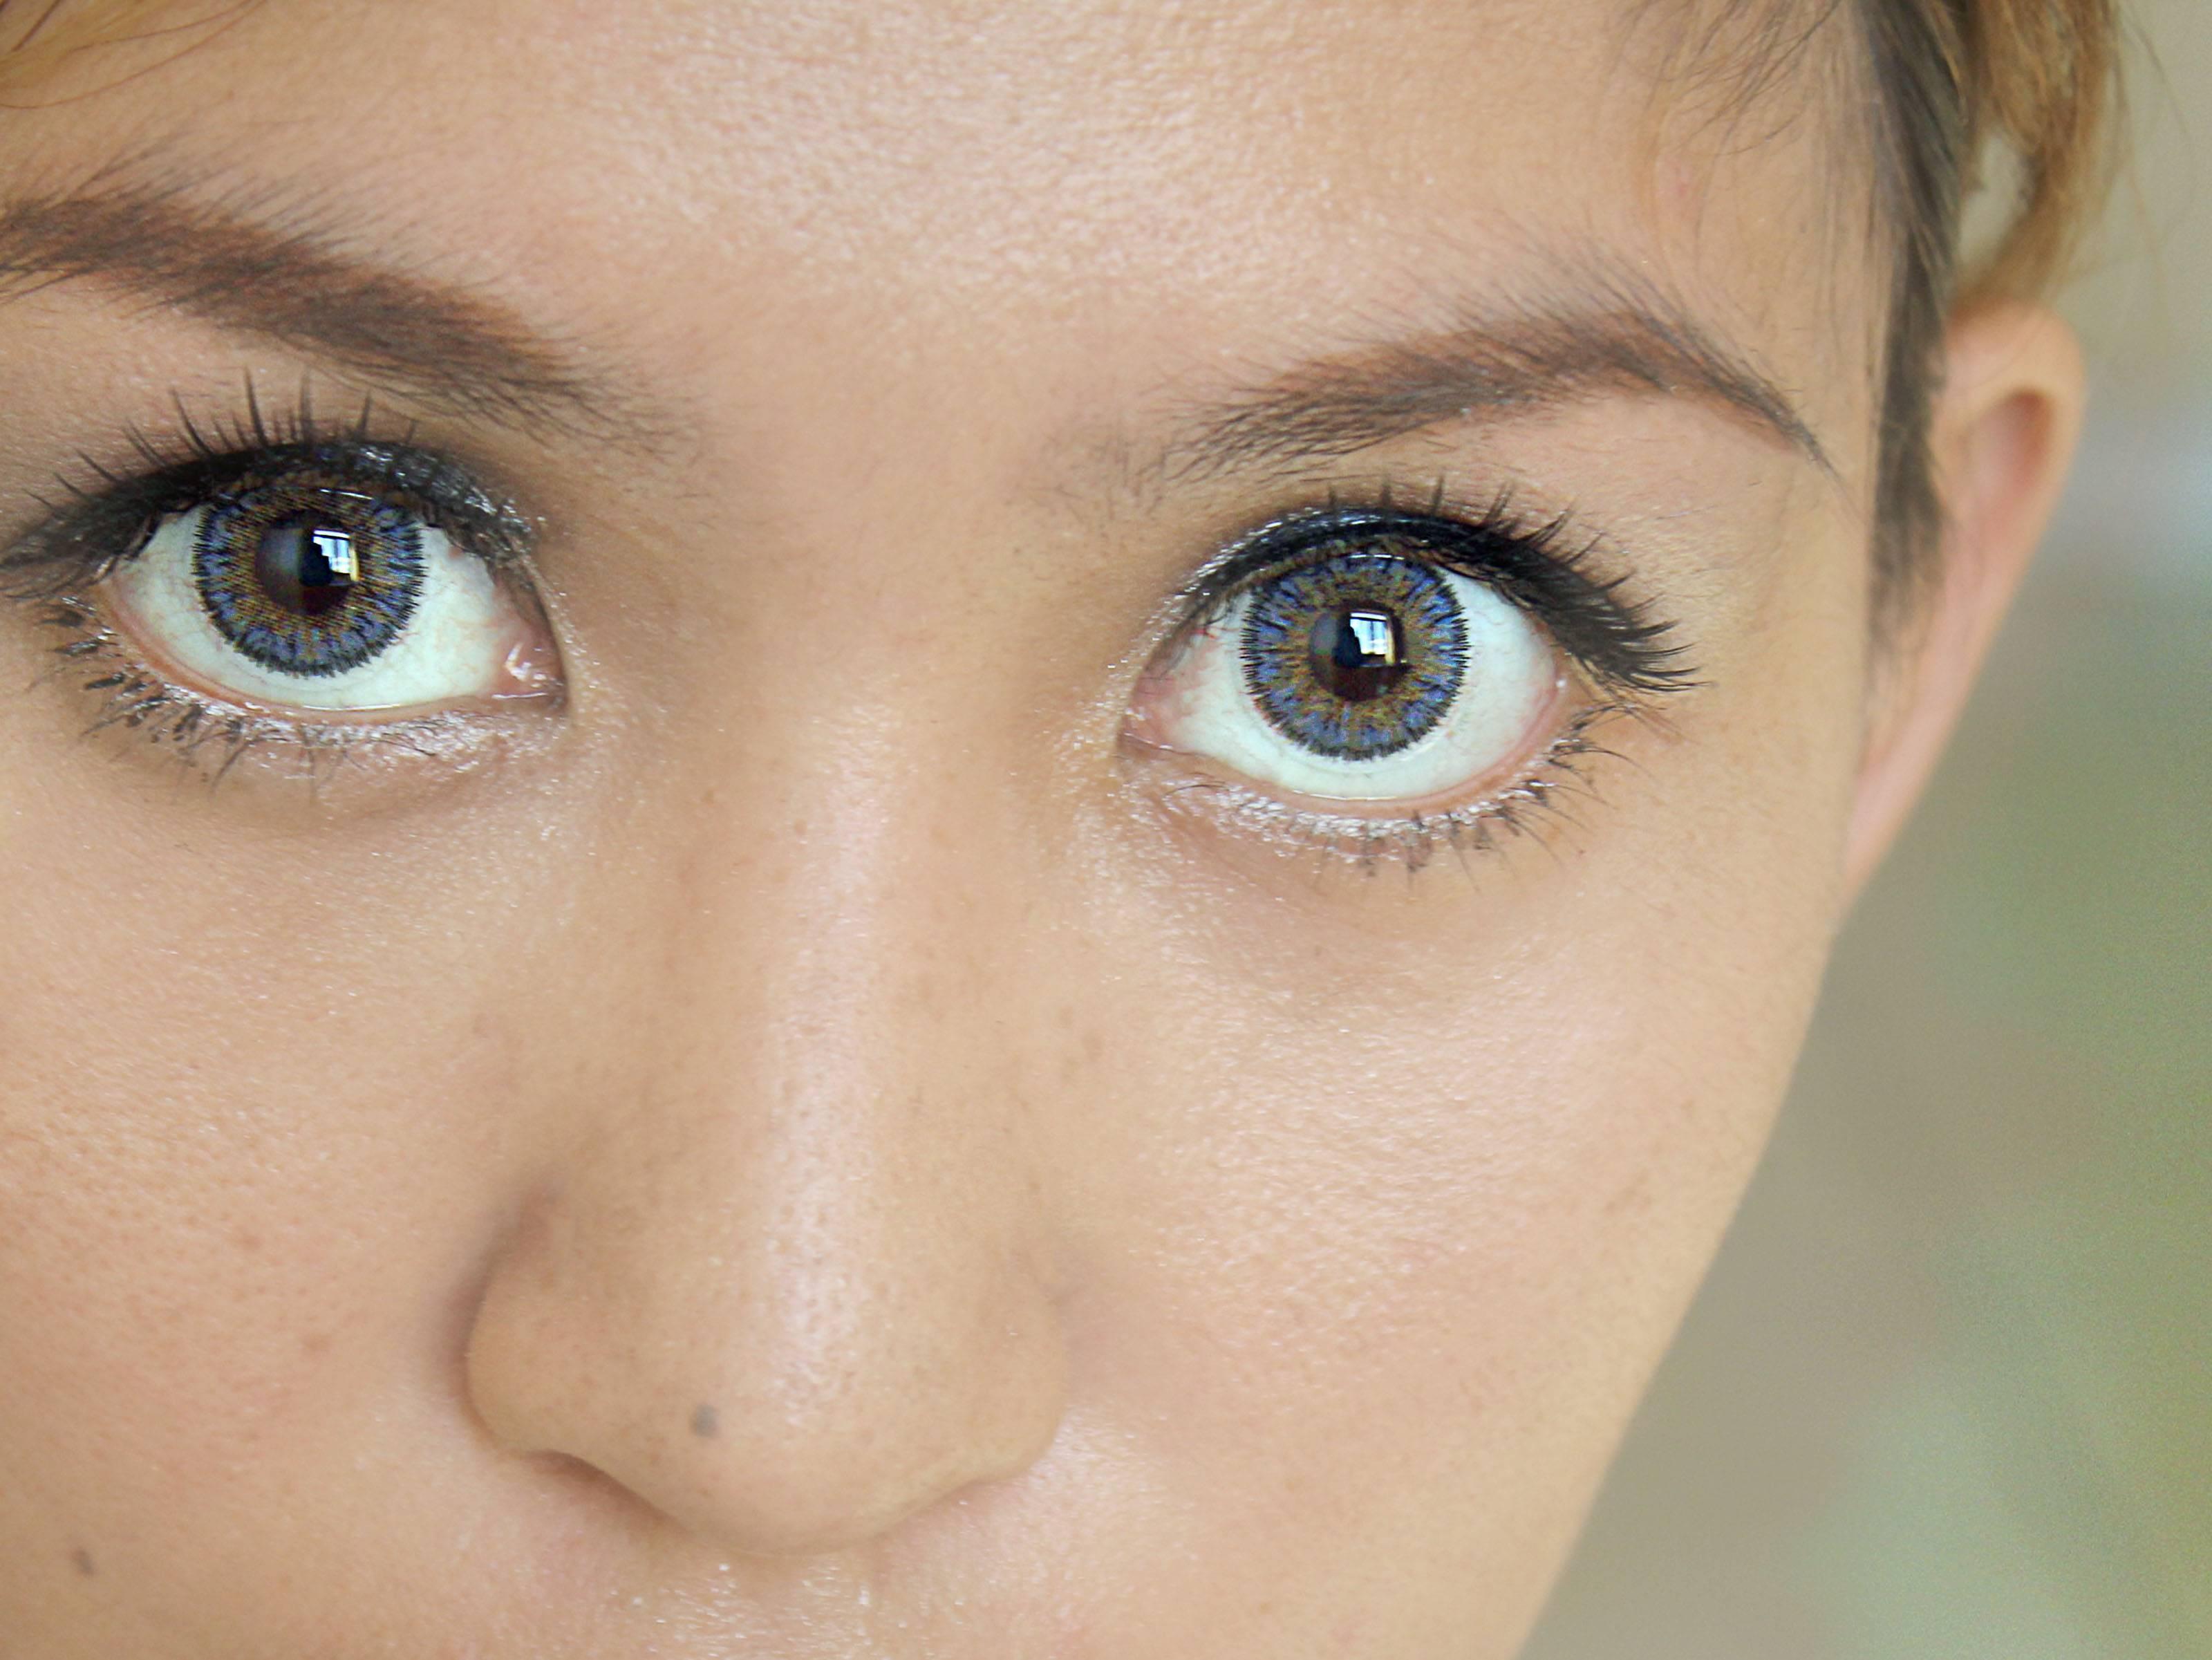 Вредны ли контактные линзы для глаз?